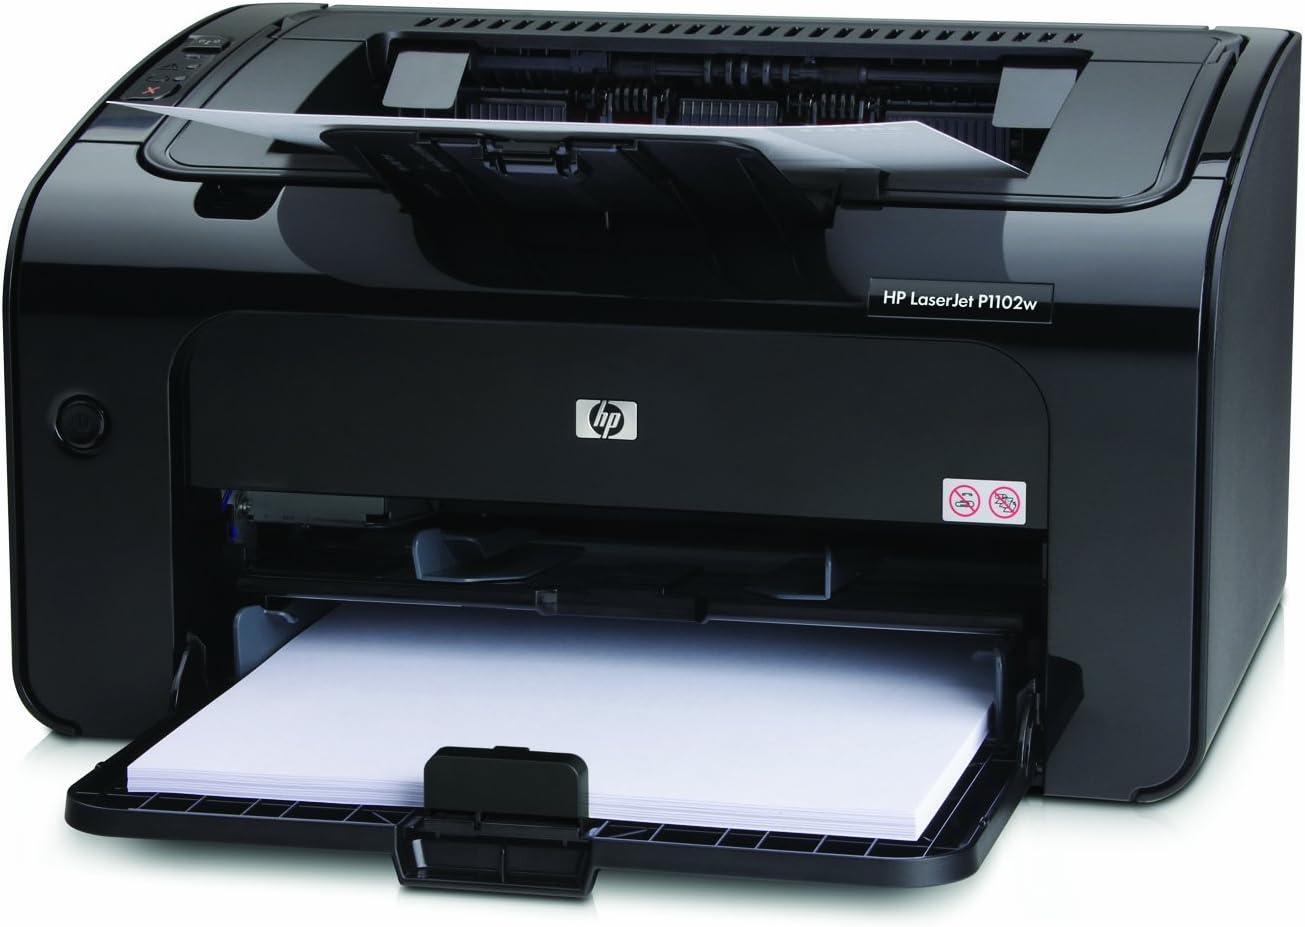 HP LaserJet Pro P1102w (Renewed)